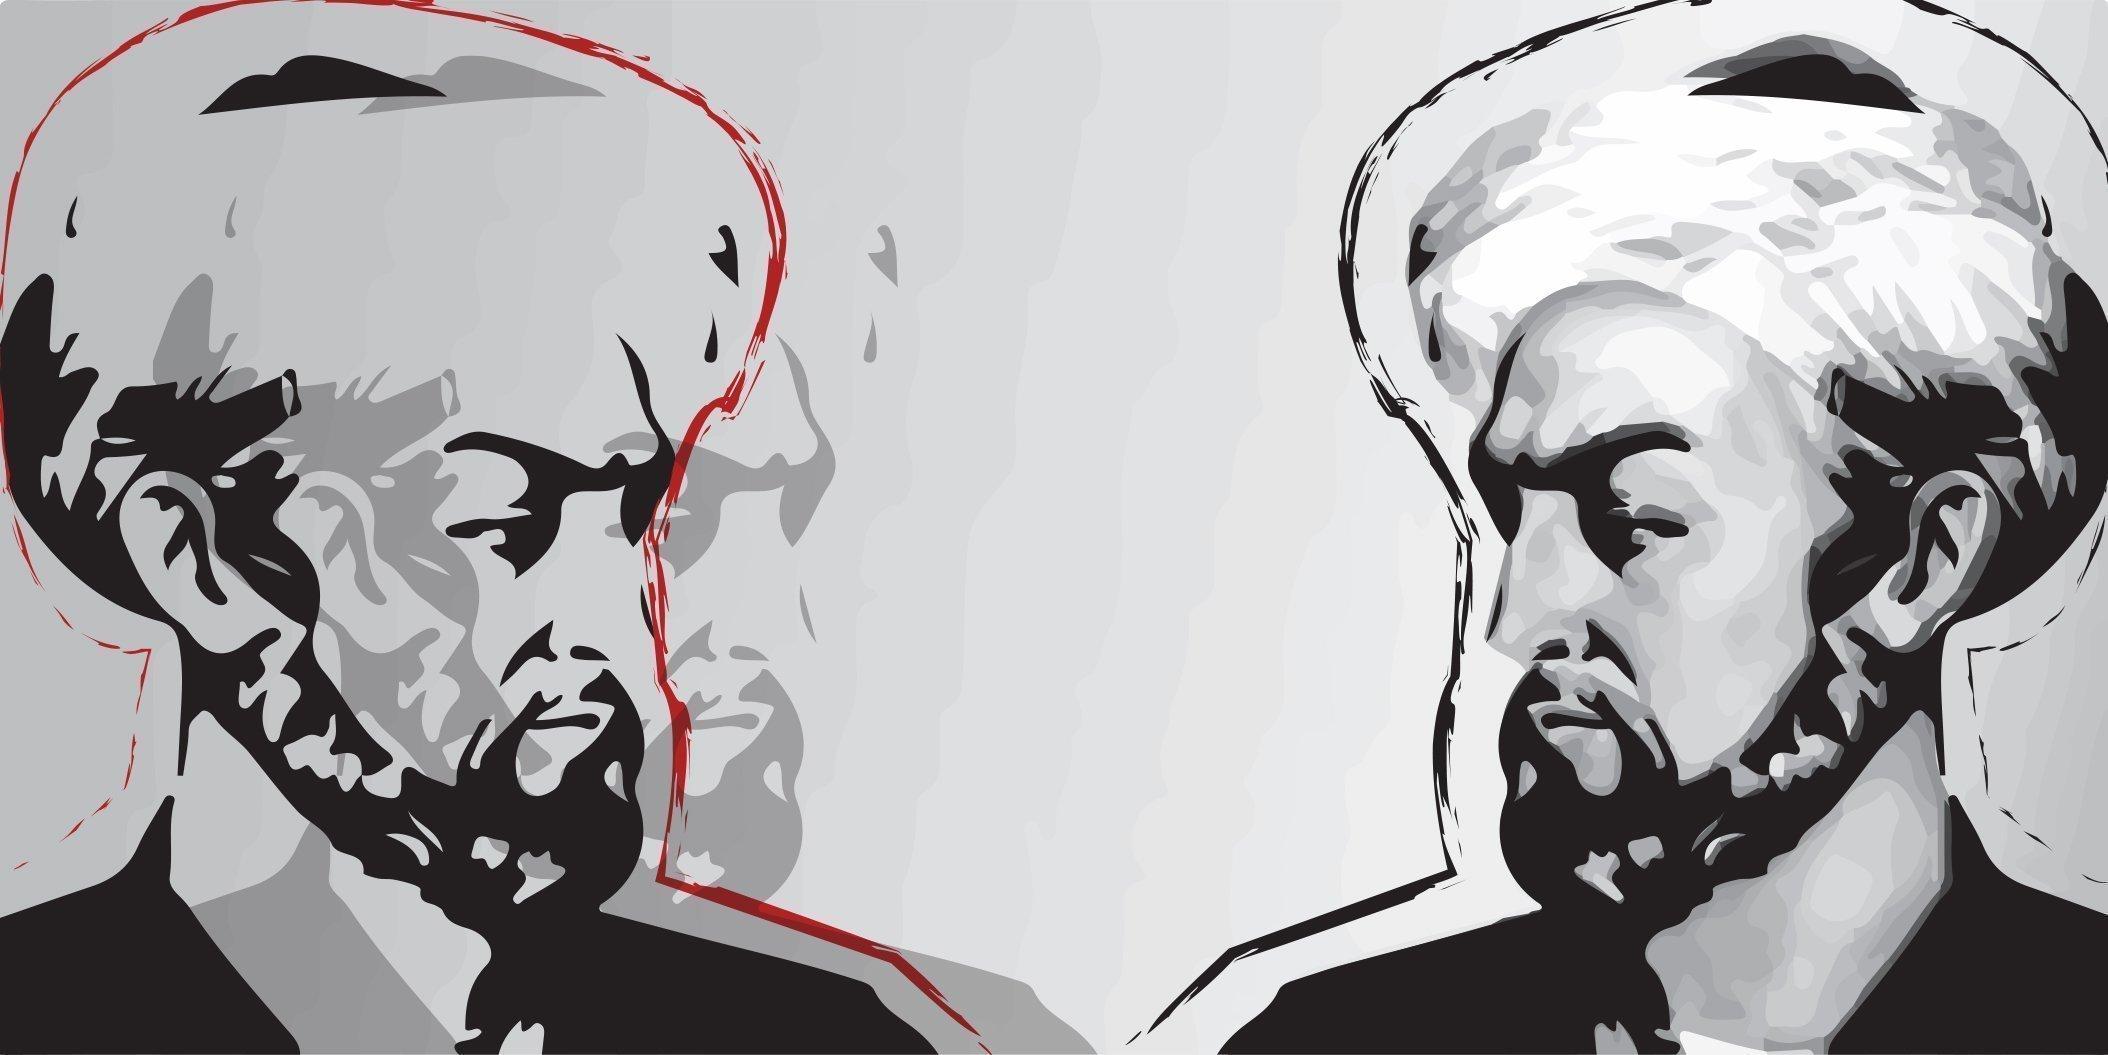 أبو حيان التوحيدي: أديب الفلاسفة وفيلسوف الأدباء